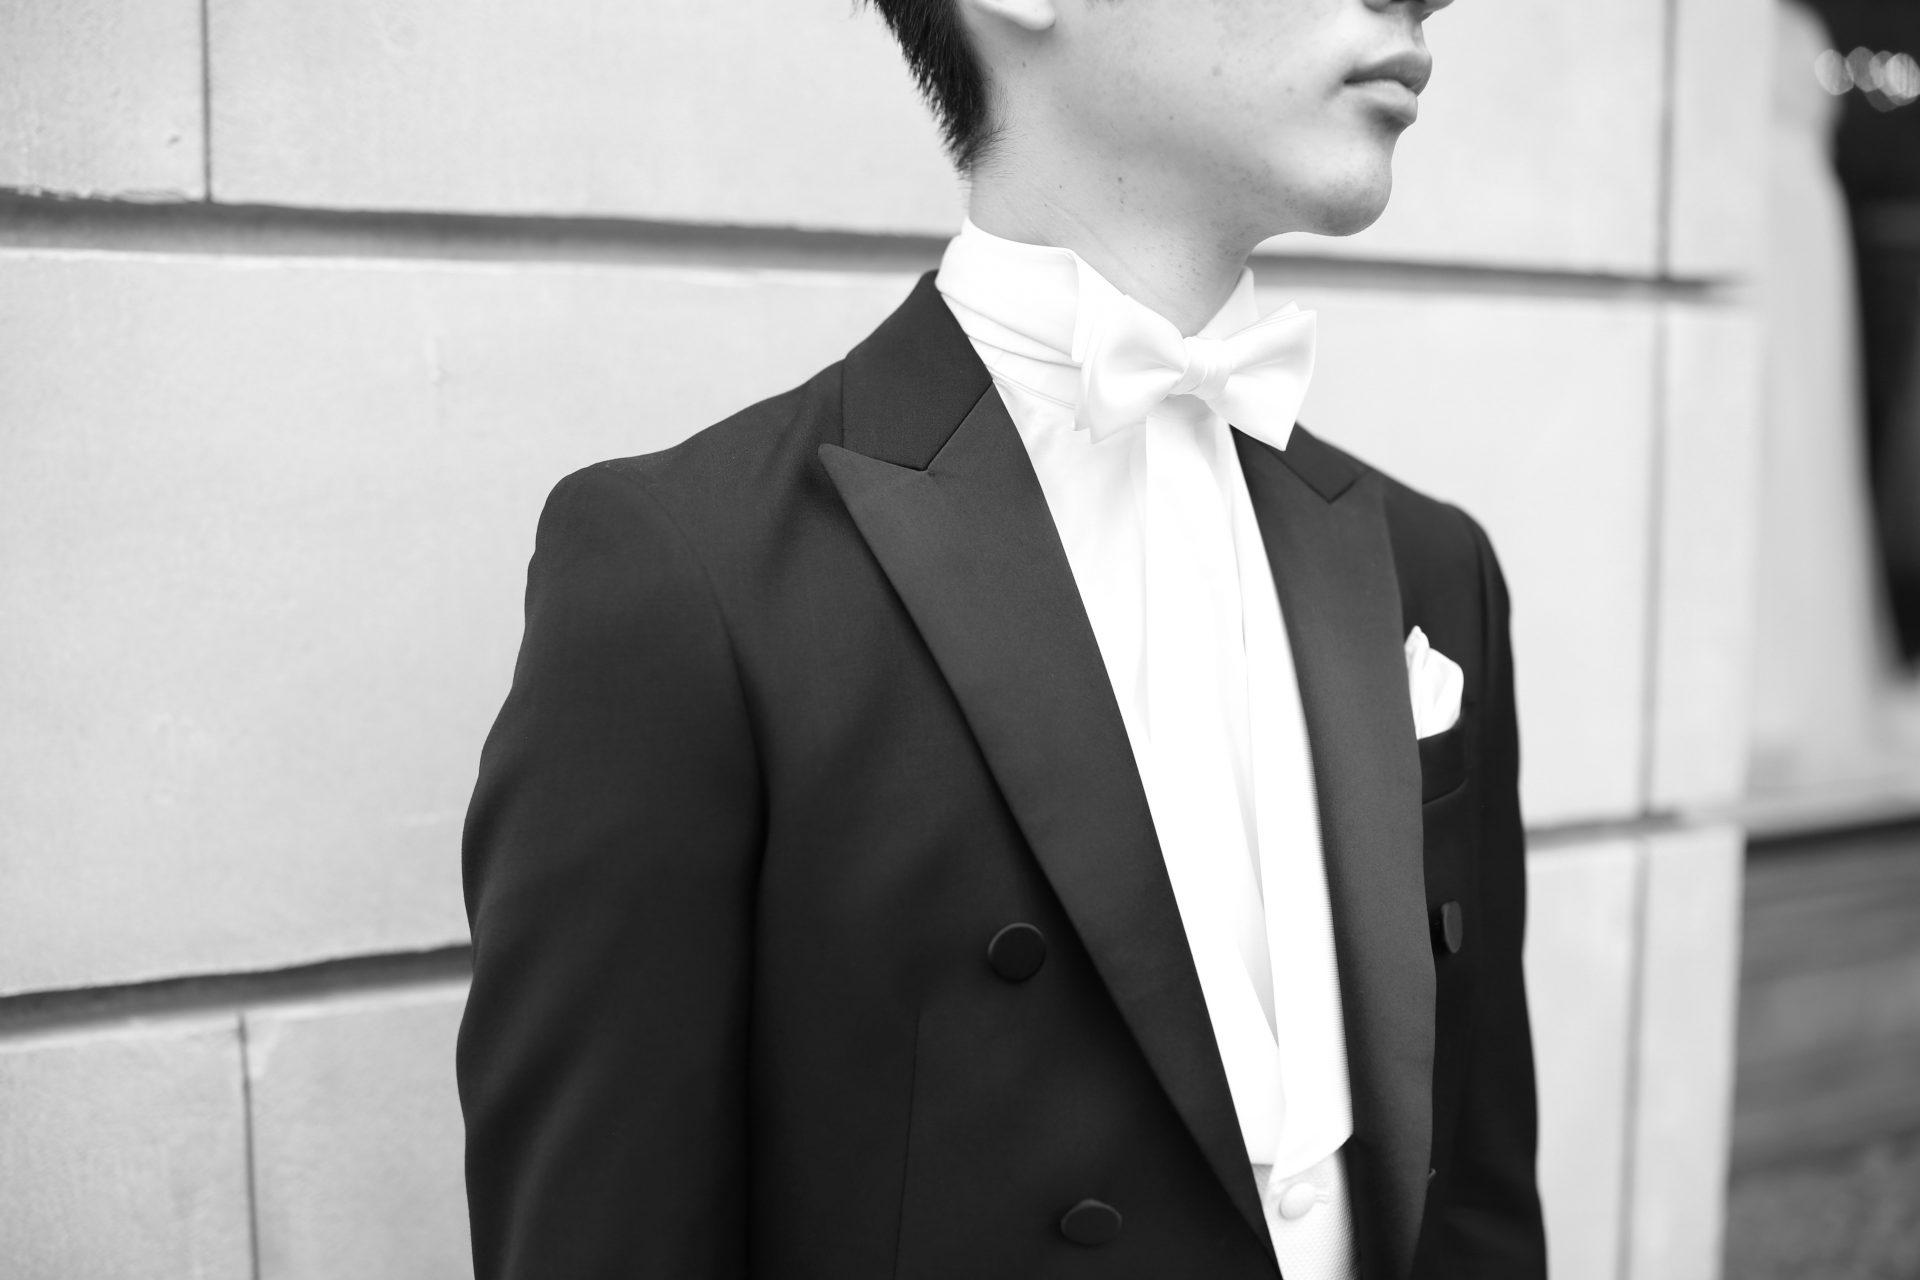 THE TREAT DRESSING名古屋店でお勧めするクラシックな装いにぴったりのフォーマルスタイルの燕尾服